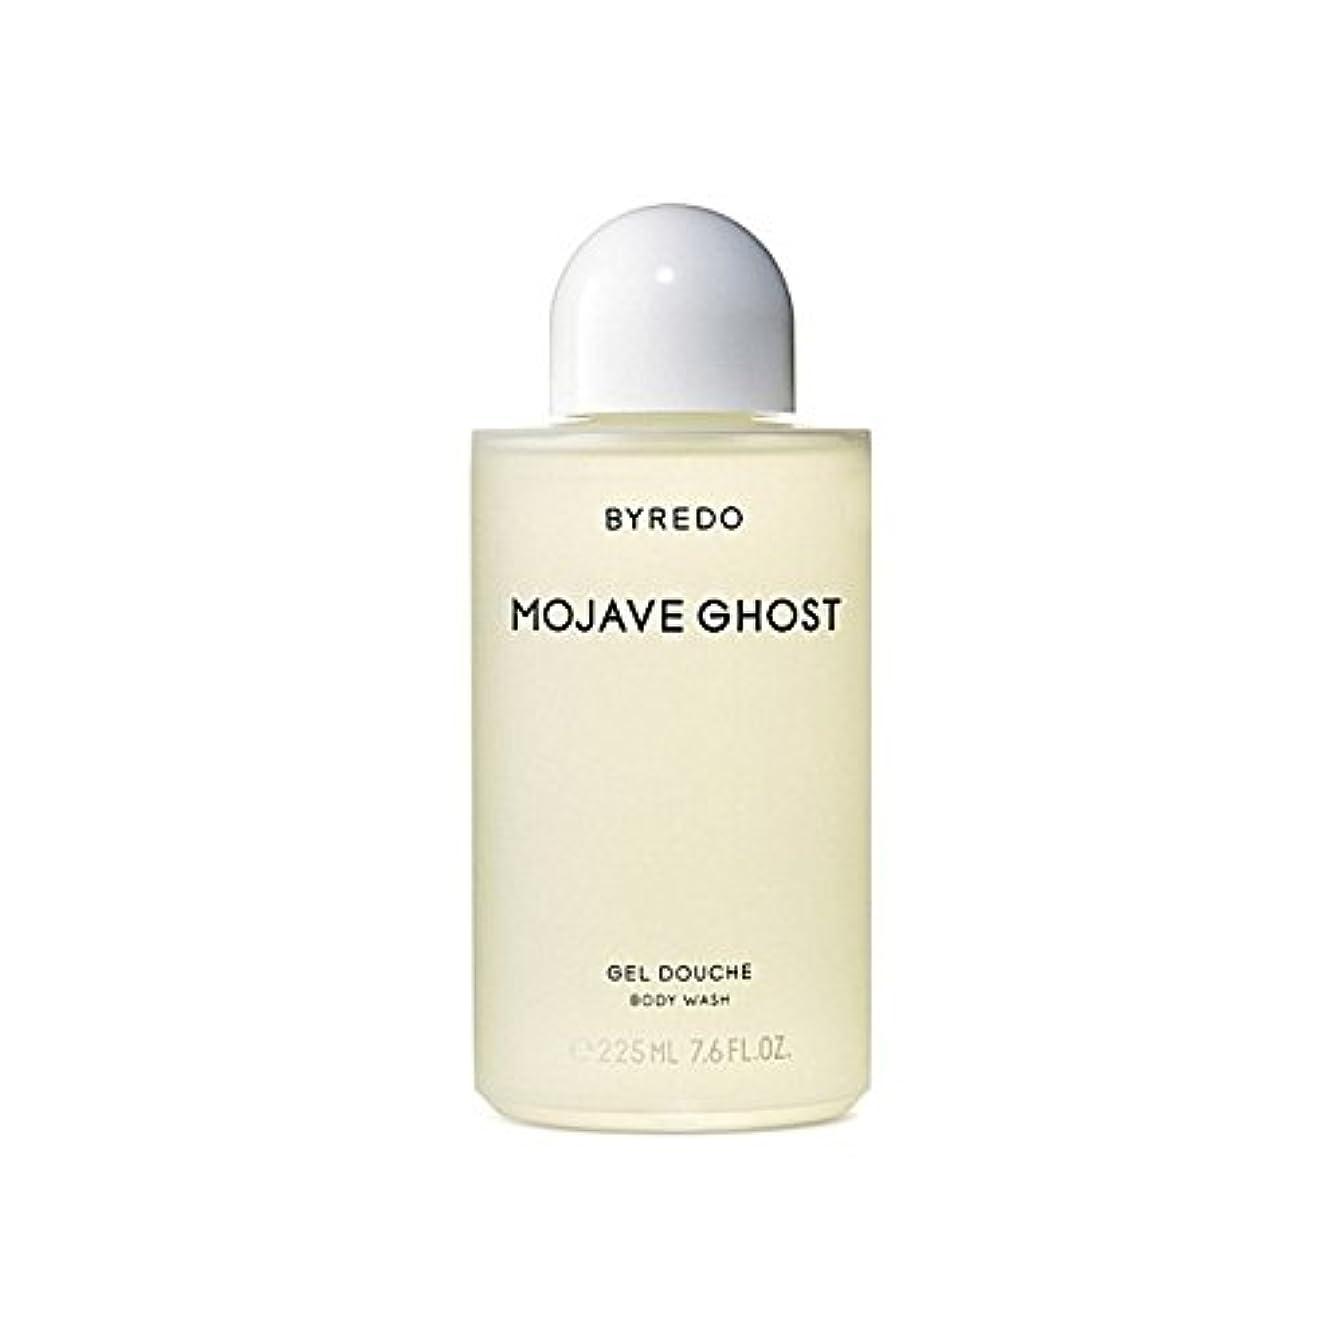 虚偽助言する内訳Byredo Mojave Ghost Body Wash 225ml - モハーベゴーストボディウォッシュ225ミリリットル [並行輸入品]